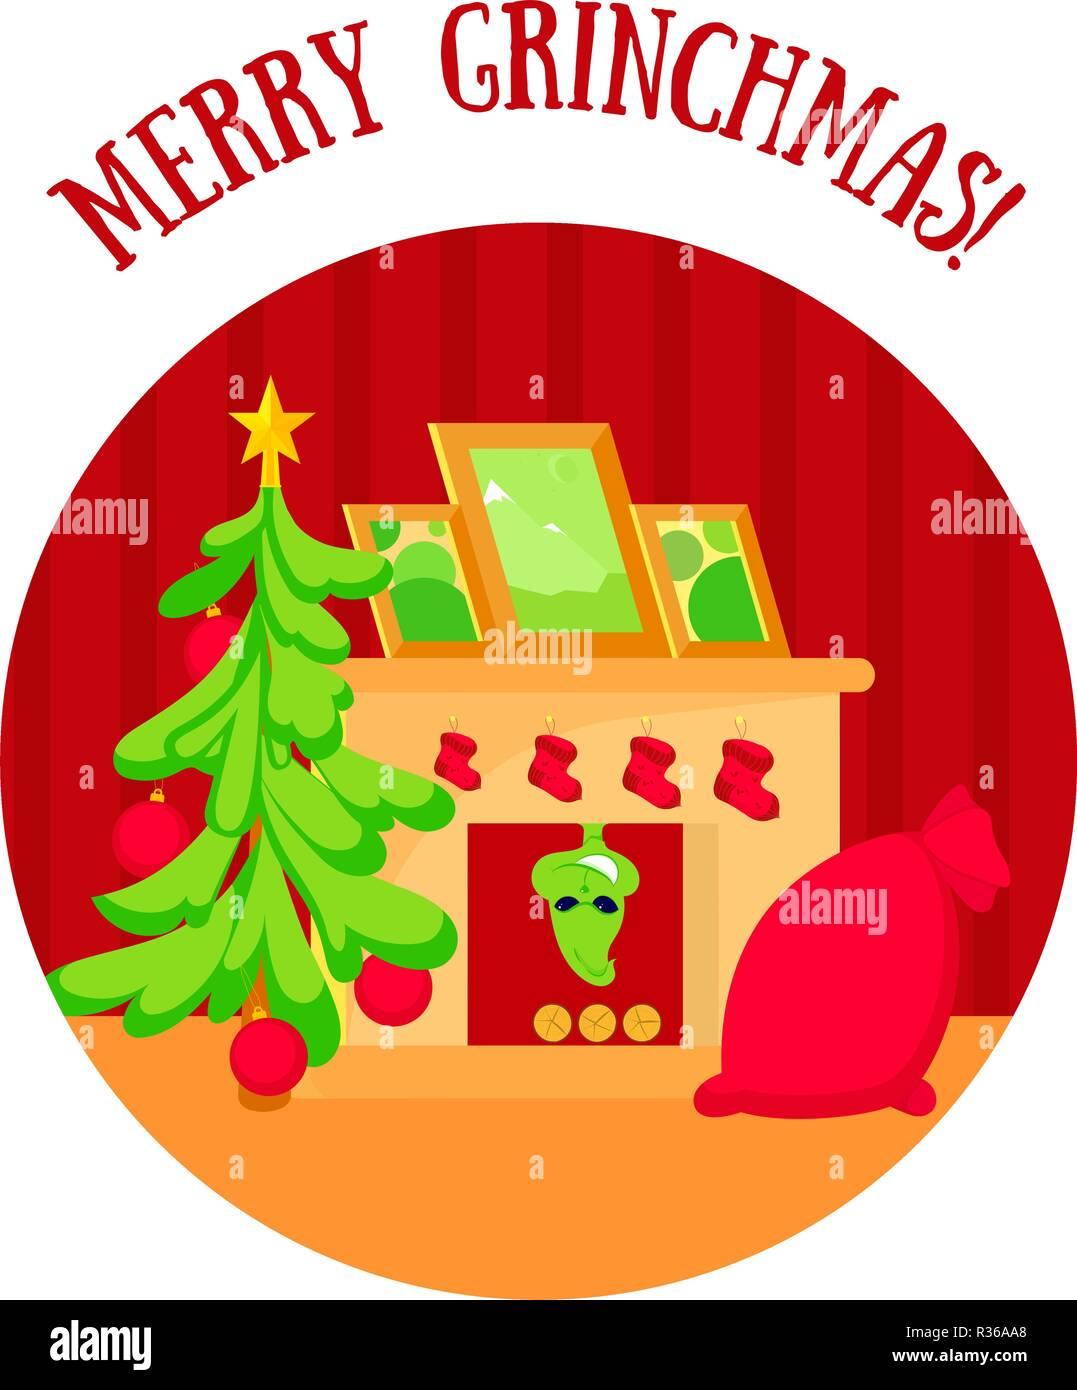 Wie Der Grinch Weihnachten Gestohlen Hat Stockfotos & Wie Der Grinch ...